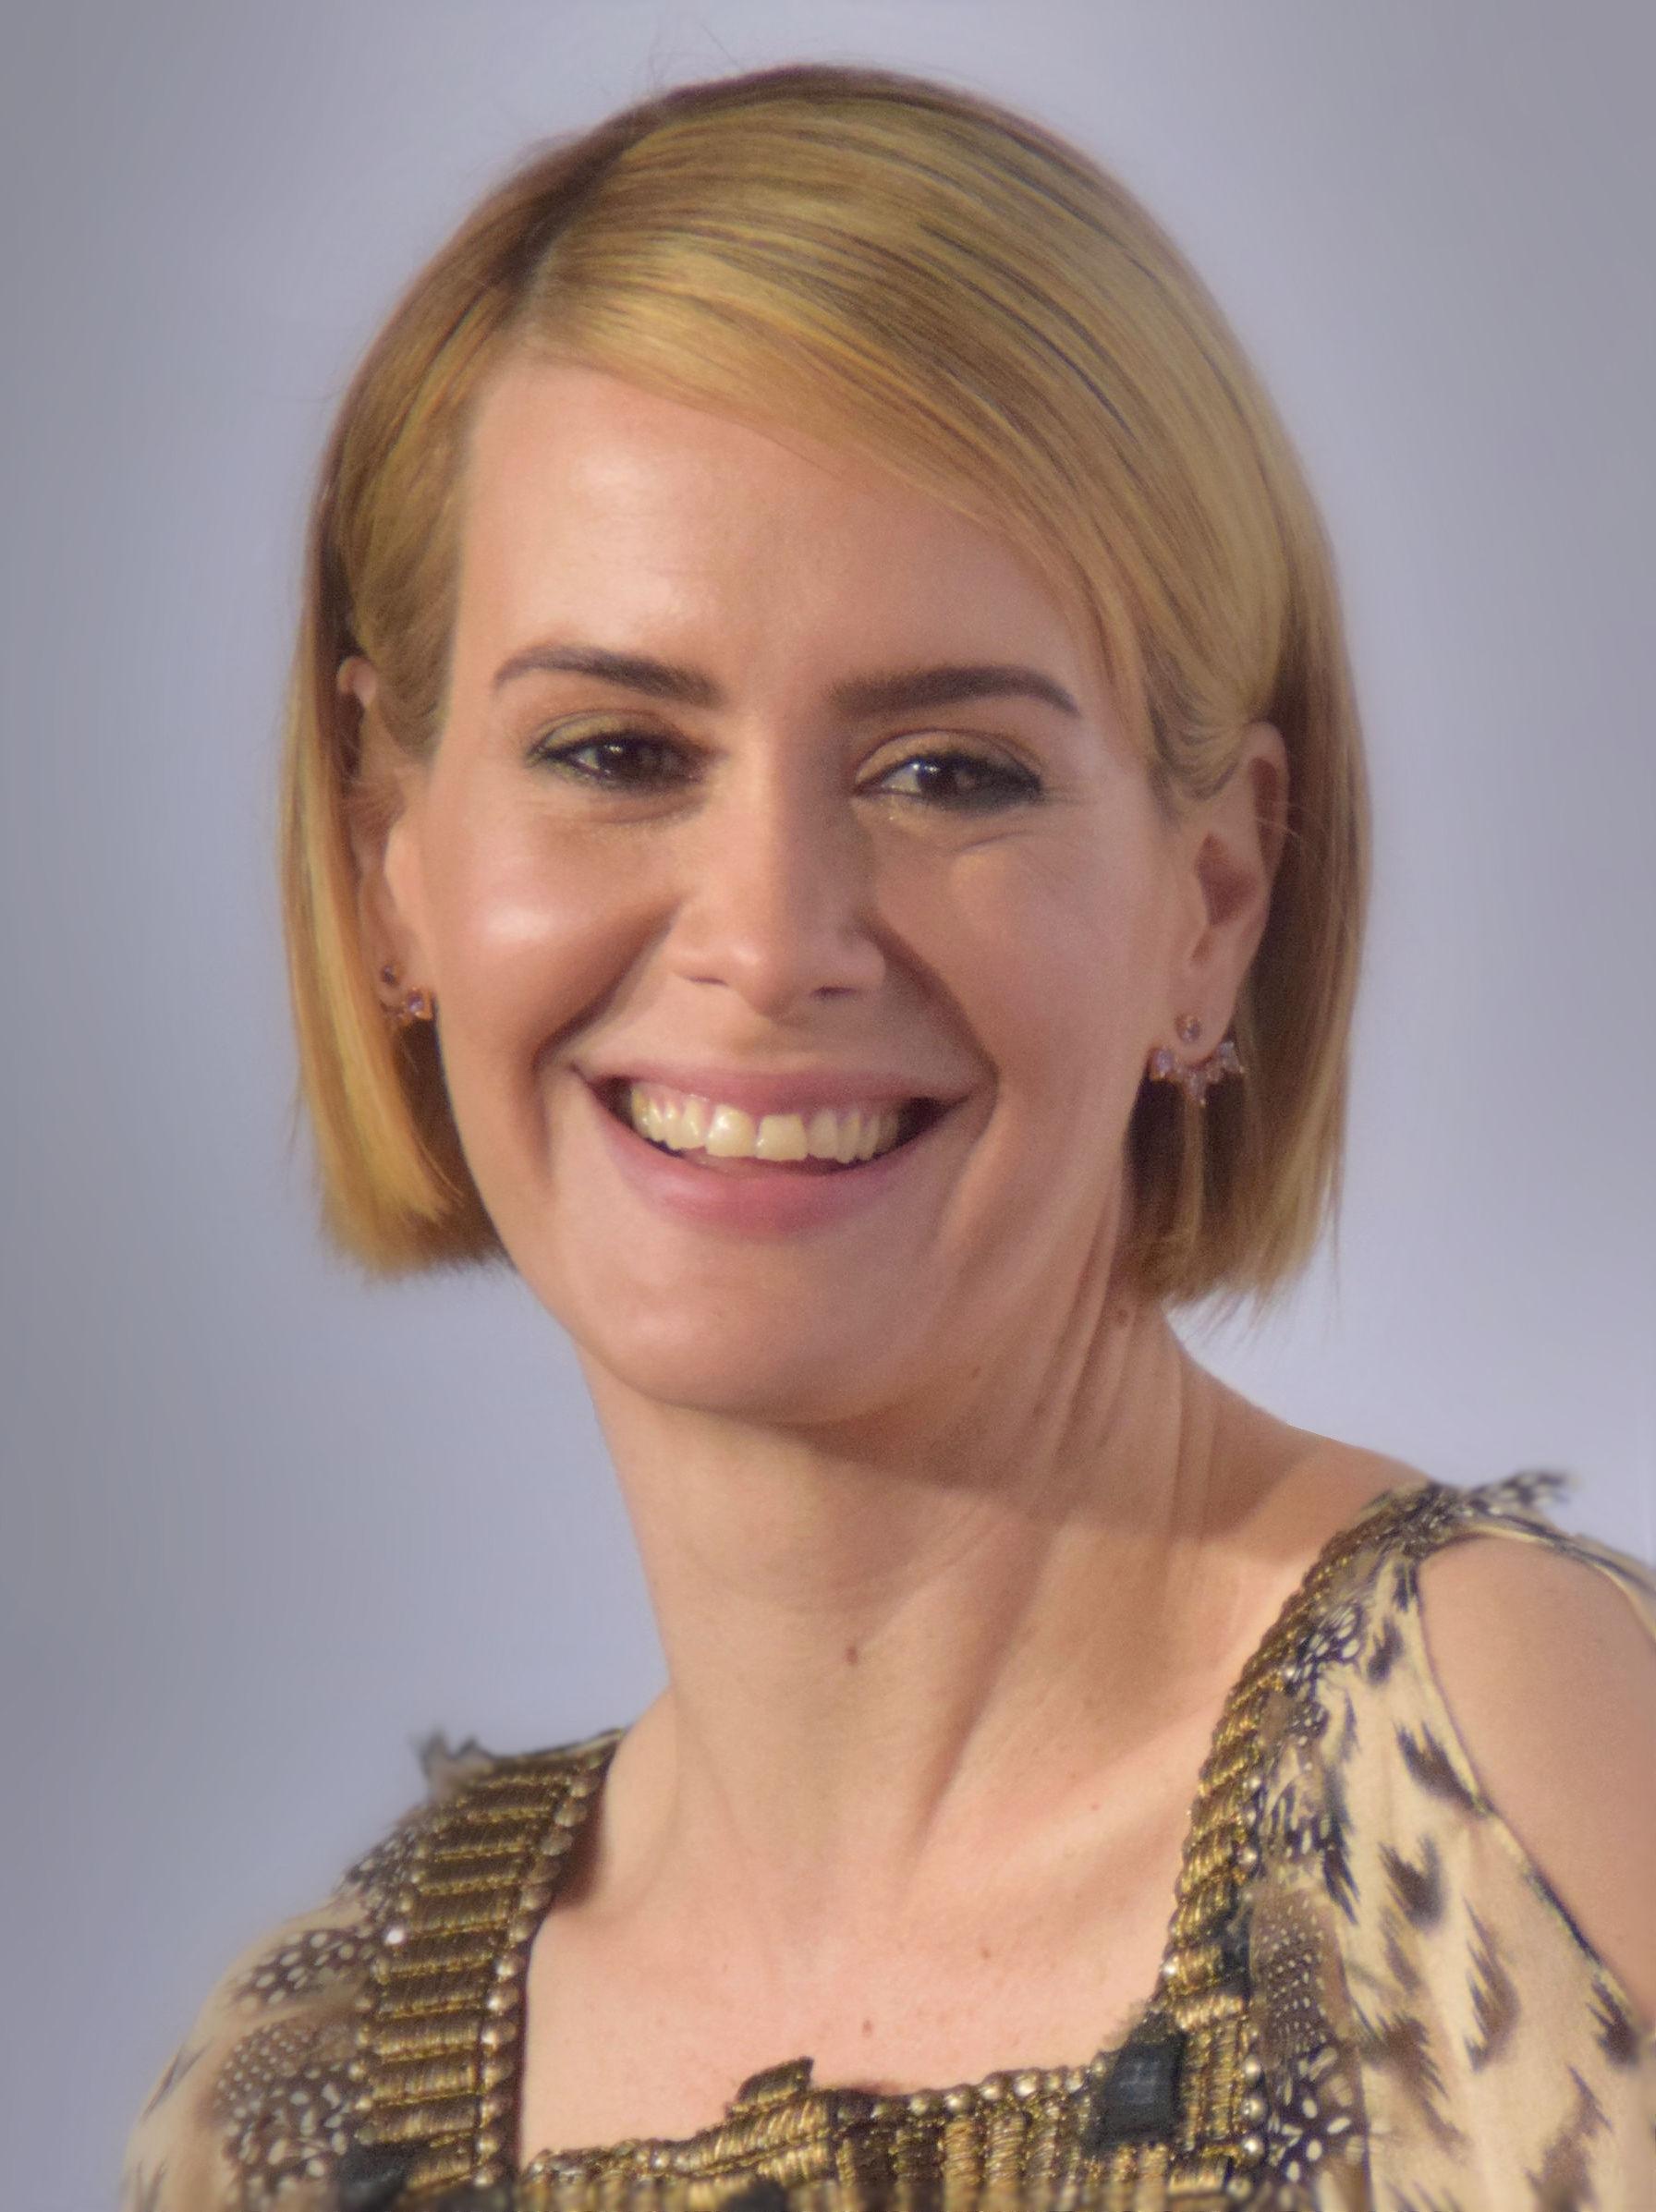 Photo de Sarah Paulson avec un hauteur de 172 cm et à l'age de 43 en 2018